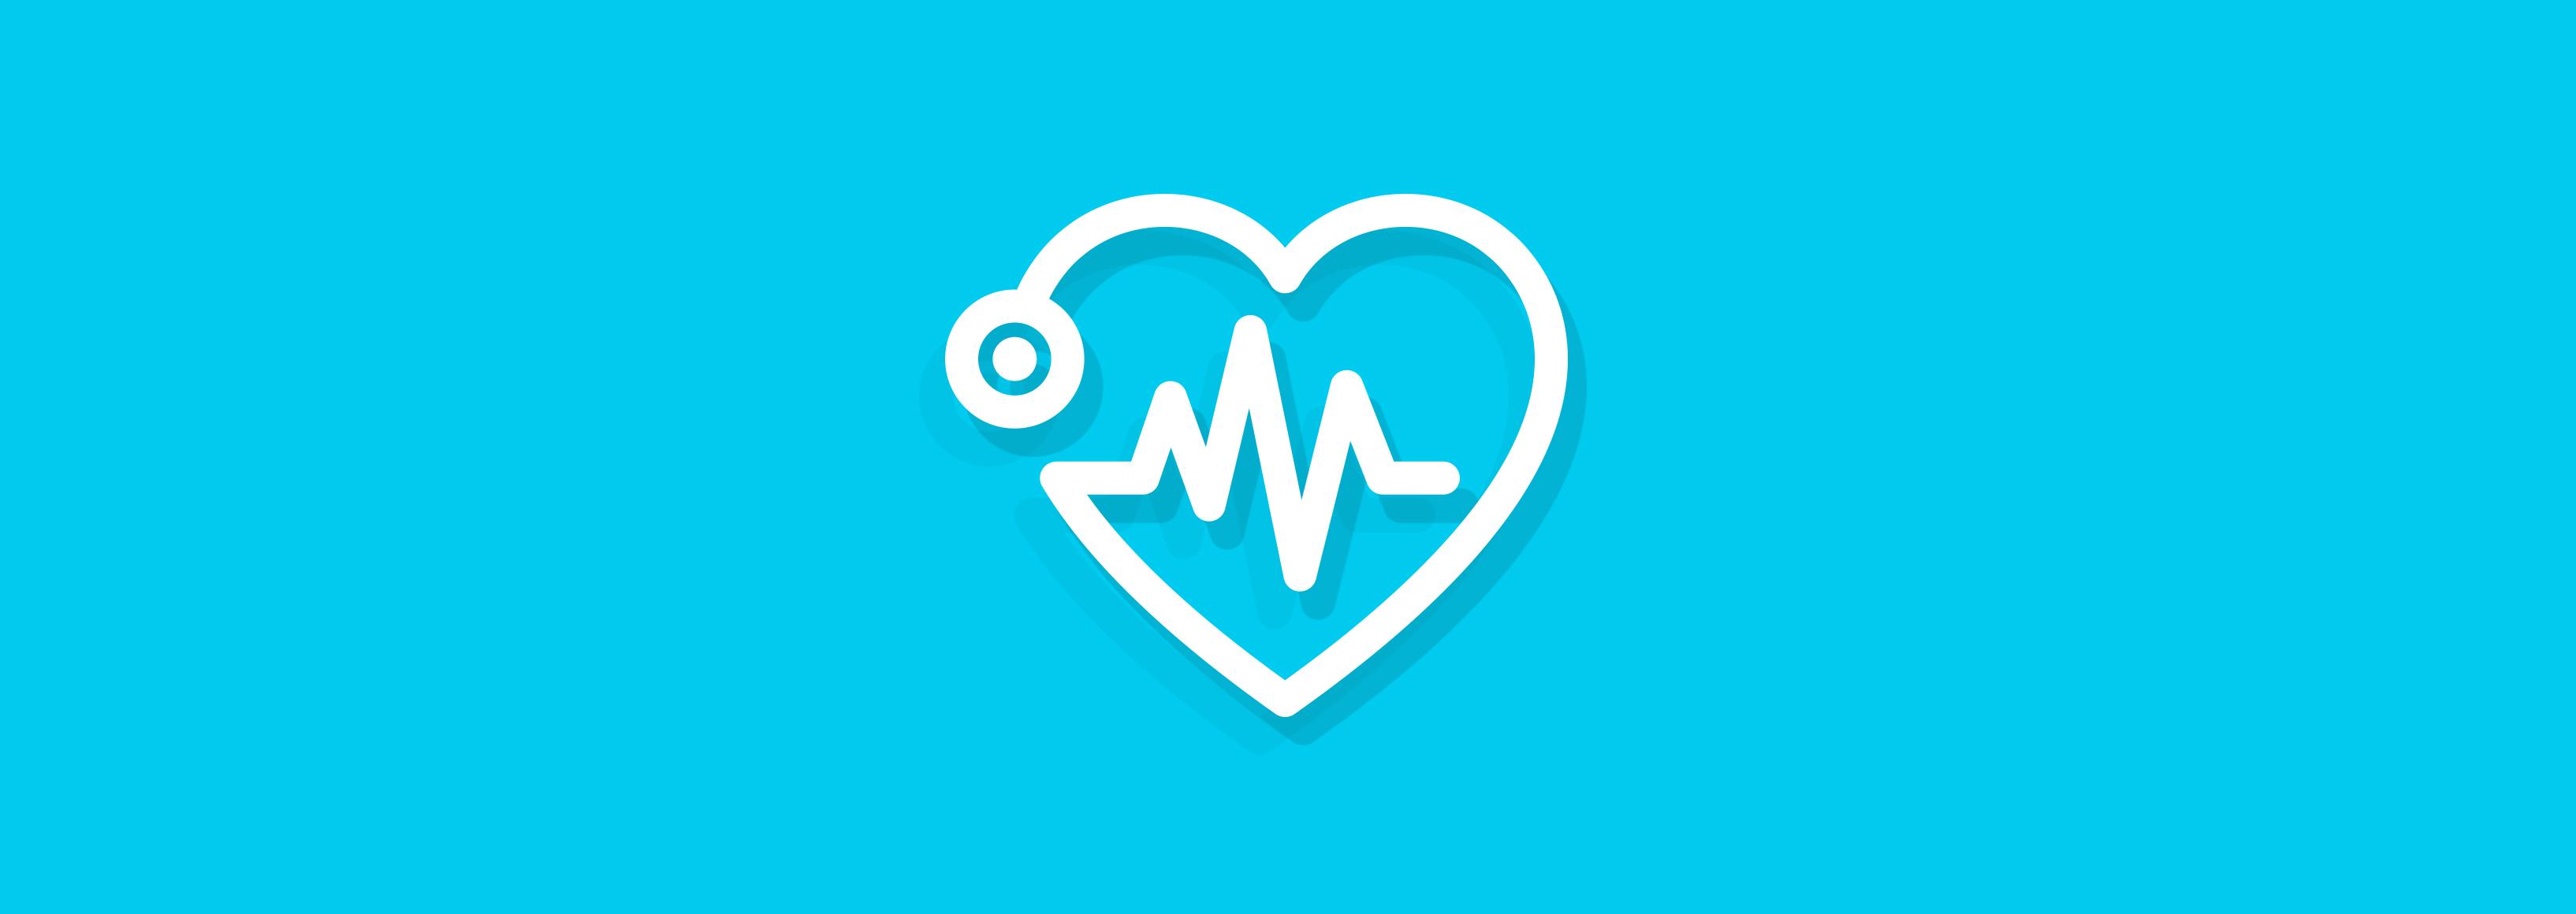 Estudio de Emociones en el Sector Seguros de Salud